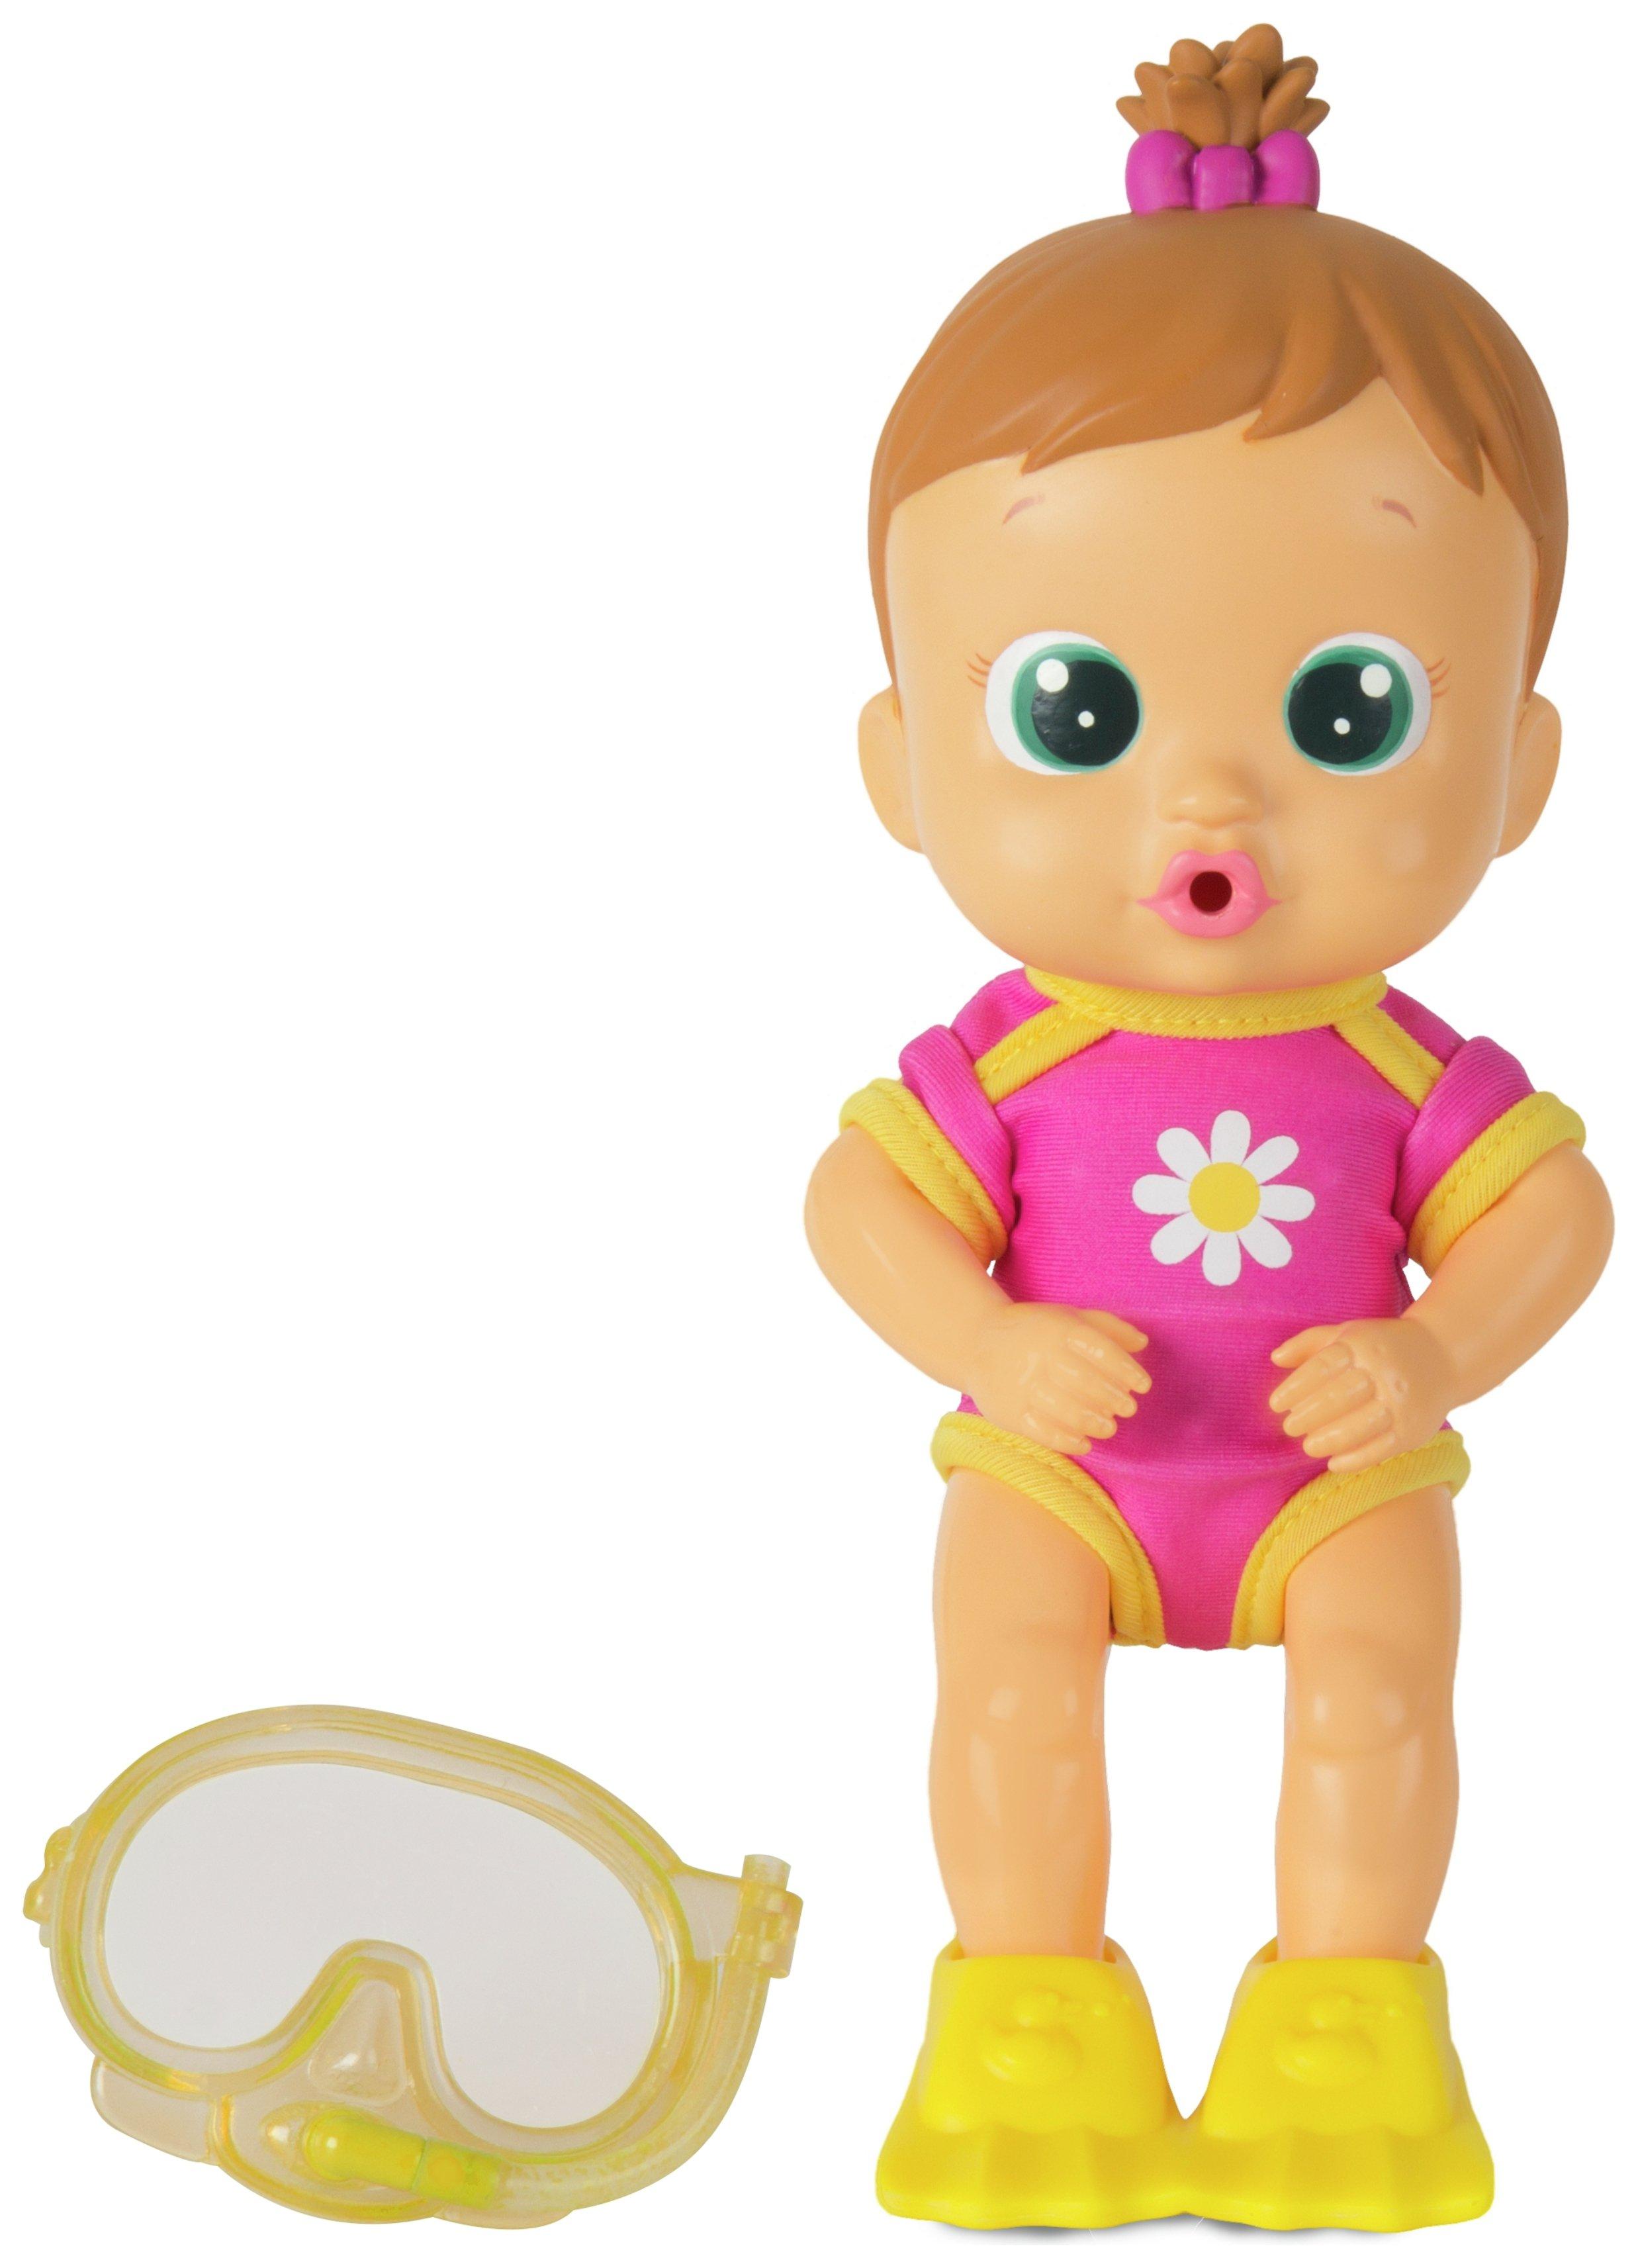 Image of Bloopies Babies - Flowy.